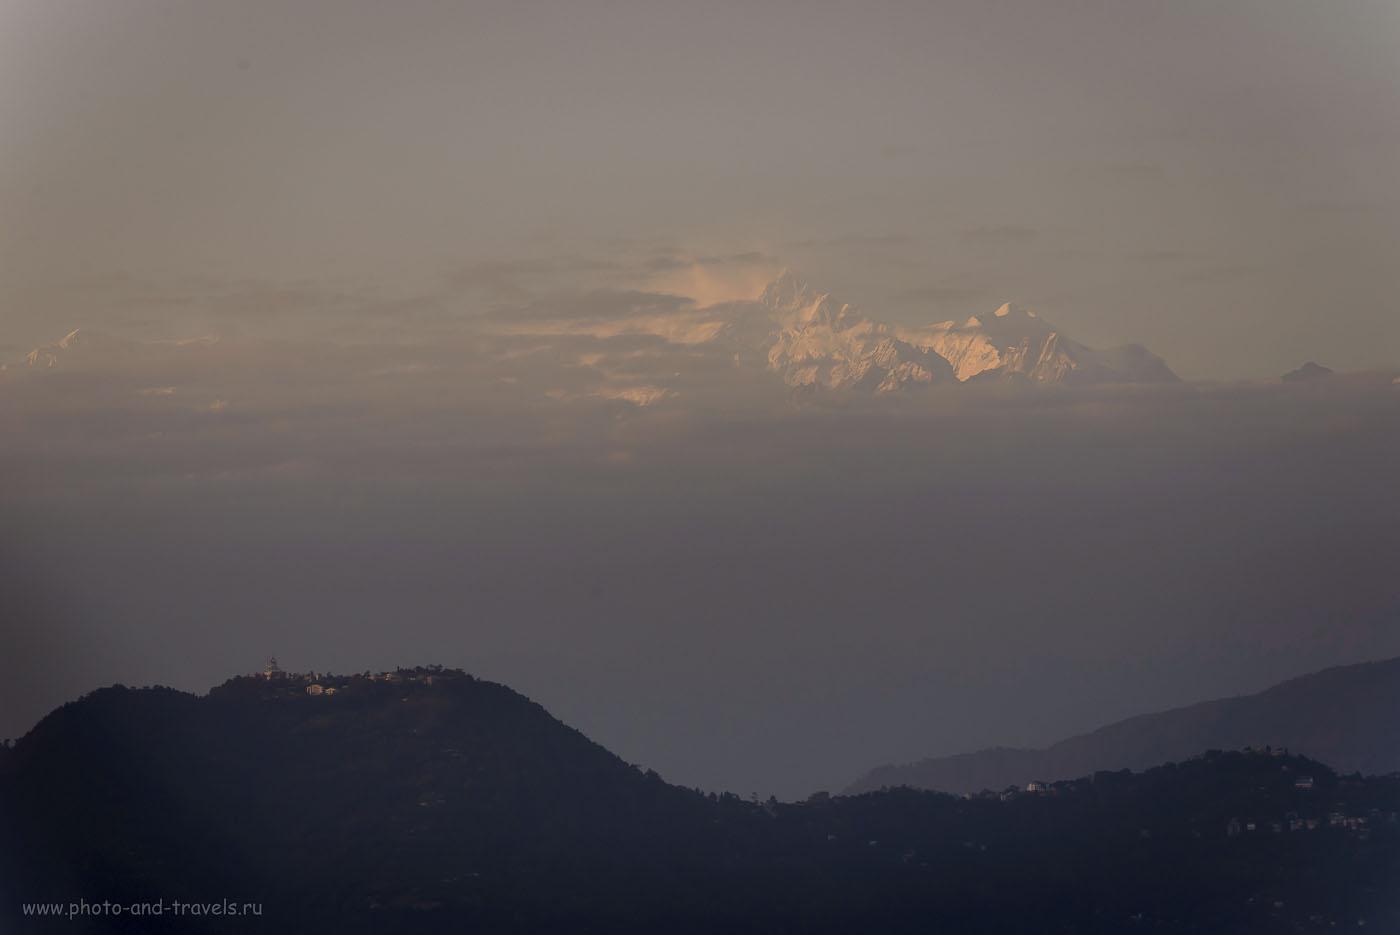 Фото 26. Отзывы о поездке на Северо-Восток Индии. Такой мы увидели гору Канченджанга впервые, во время поездки на джипе-маршрутке из Дарджилинга в Гангкток. Стояла дымка, поэтому качество фотографии не очень. 1/250, 8.0, 320, 170.